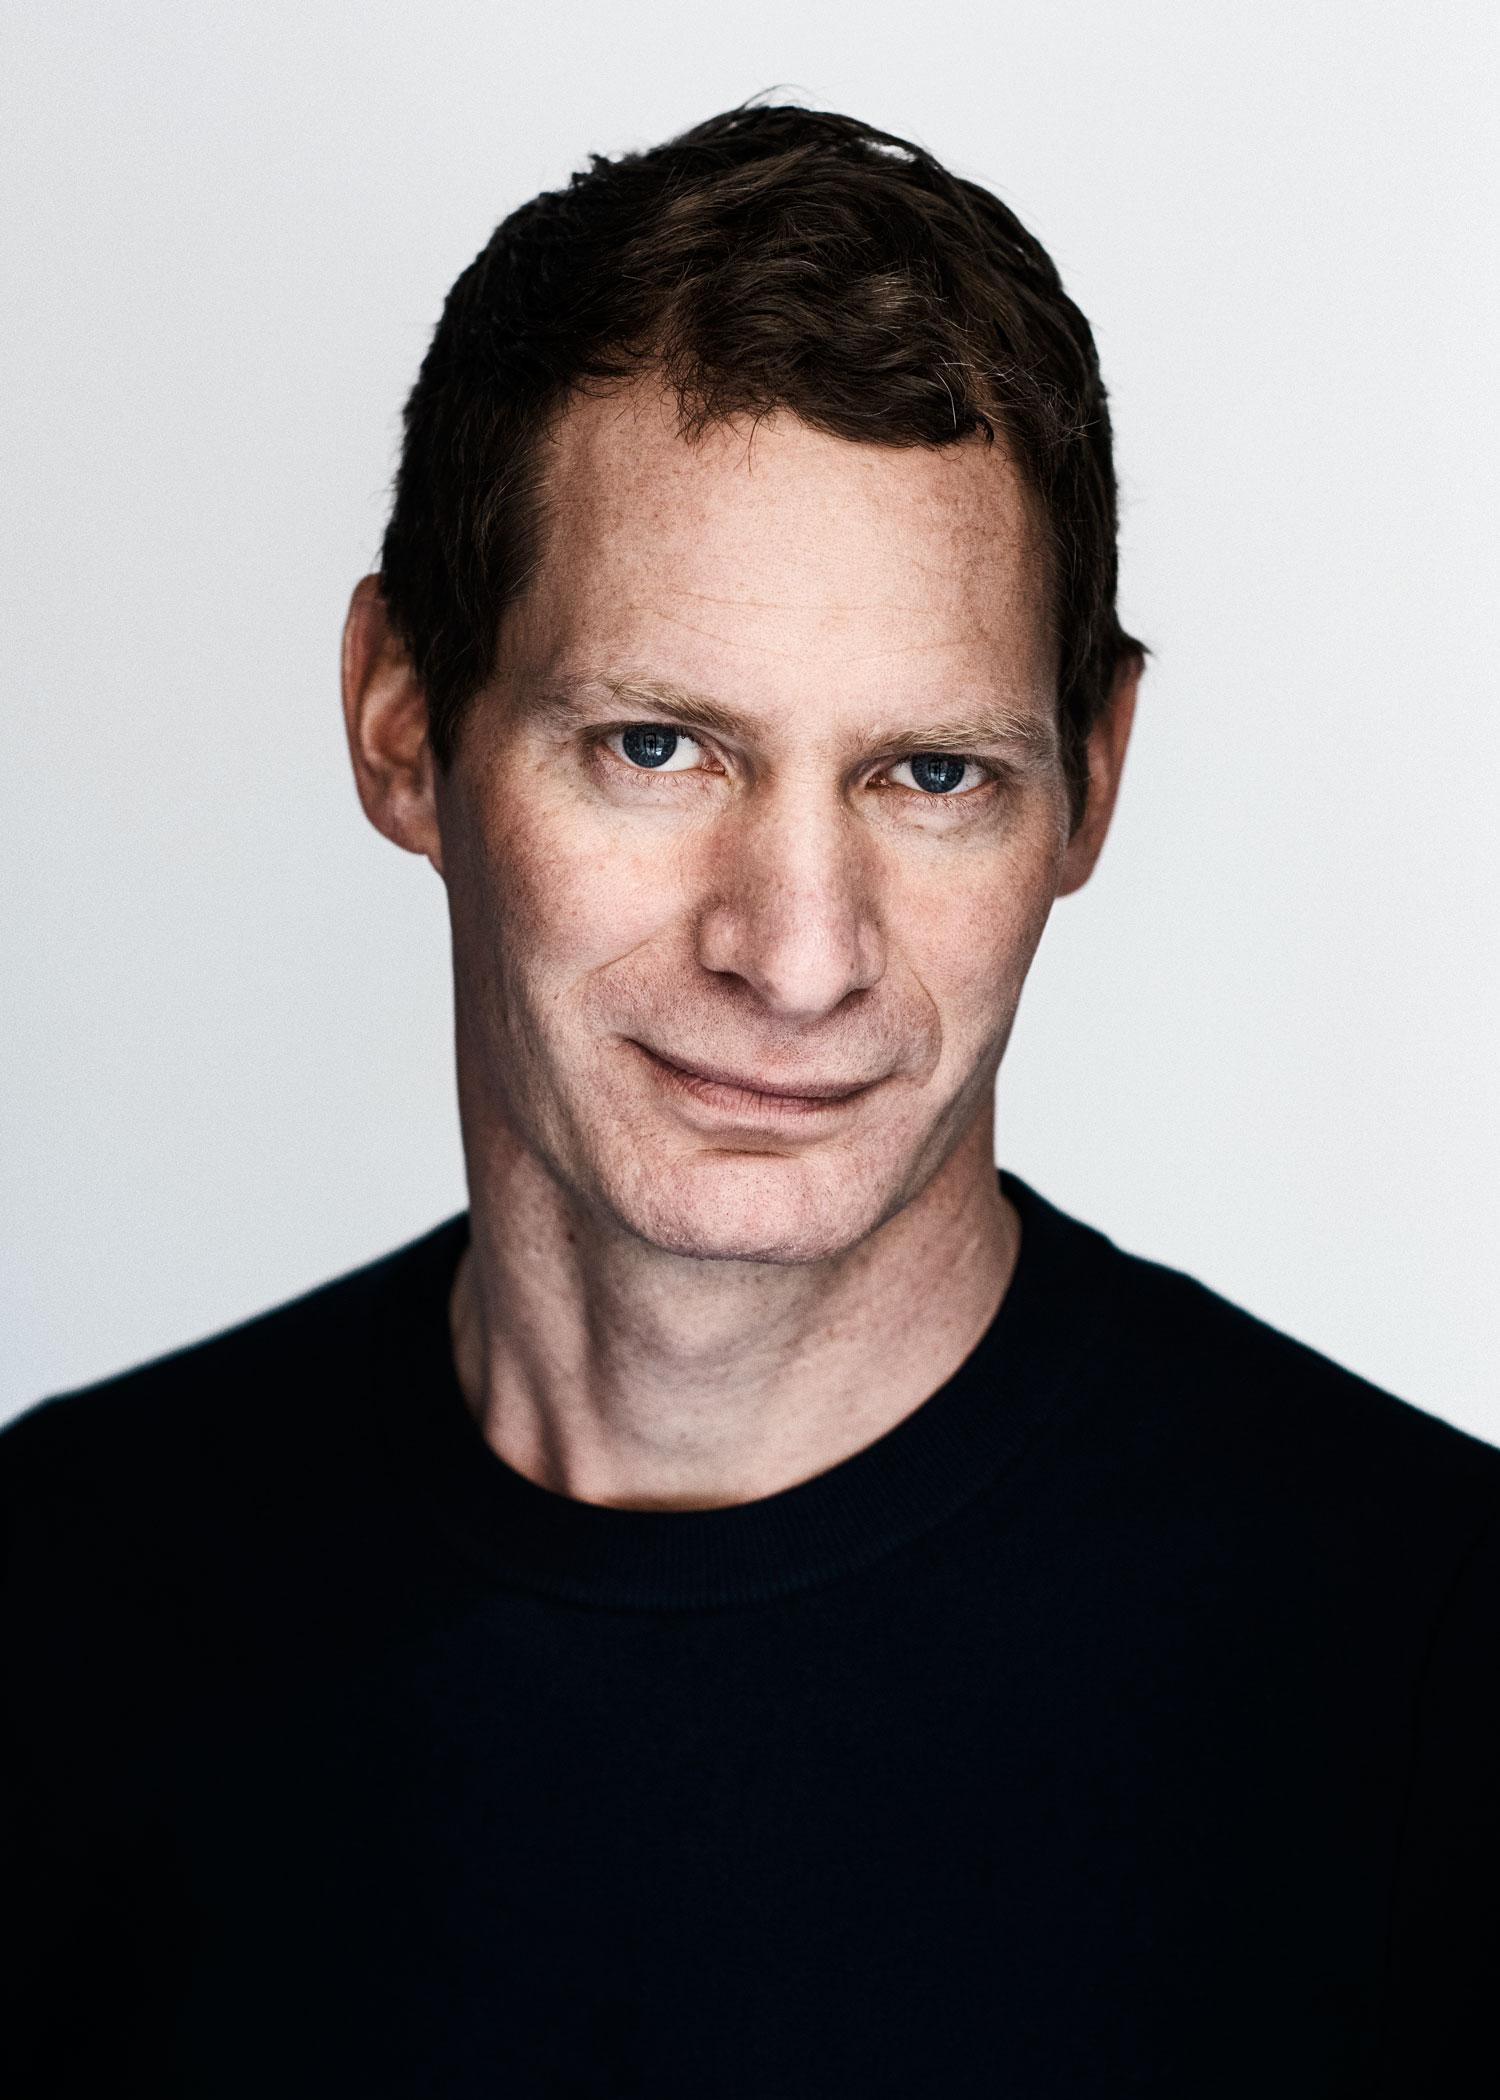 Paul Kühlhorn är tillsammans med Eva Liljefors grundare av designbyrån Fellow Designers, en liten byrå med begränsad användning för molnet.